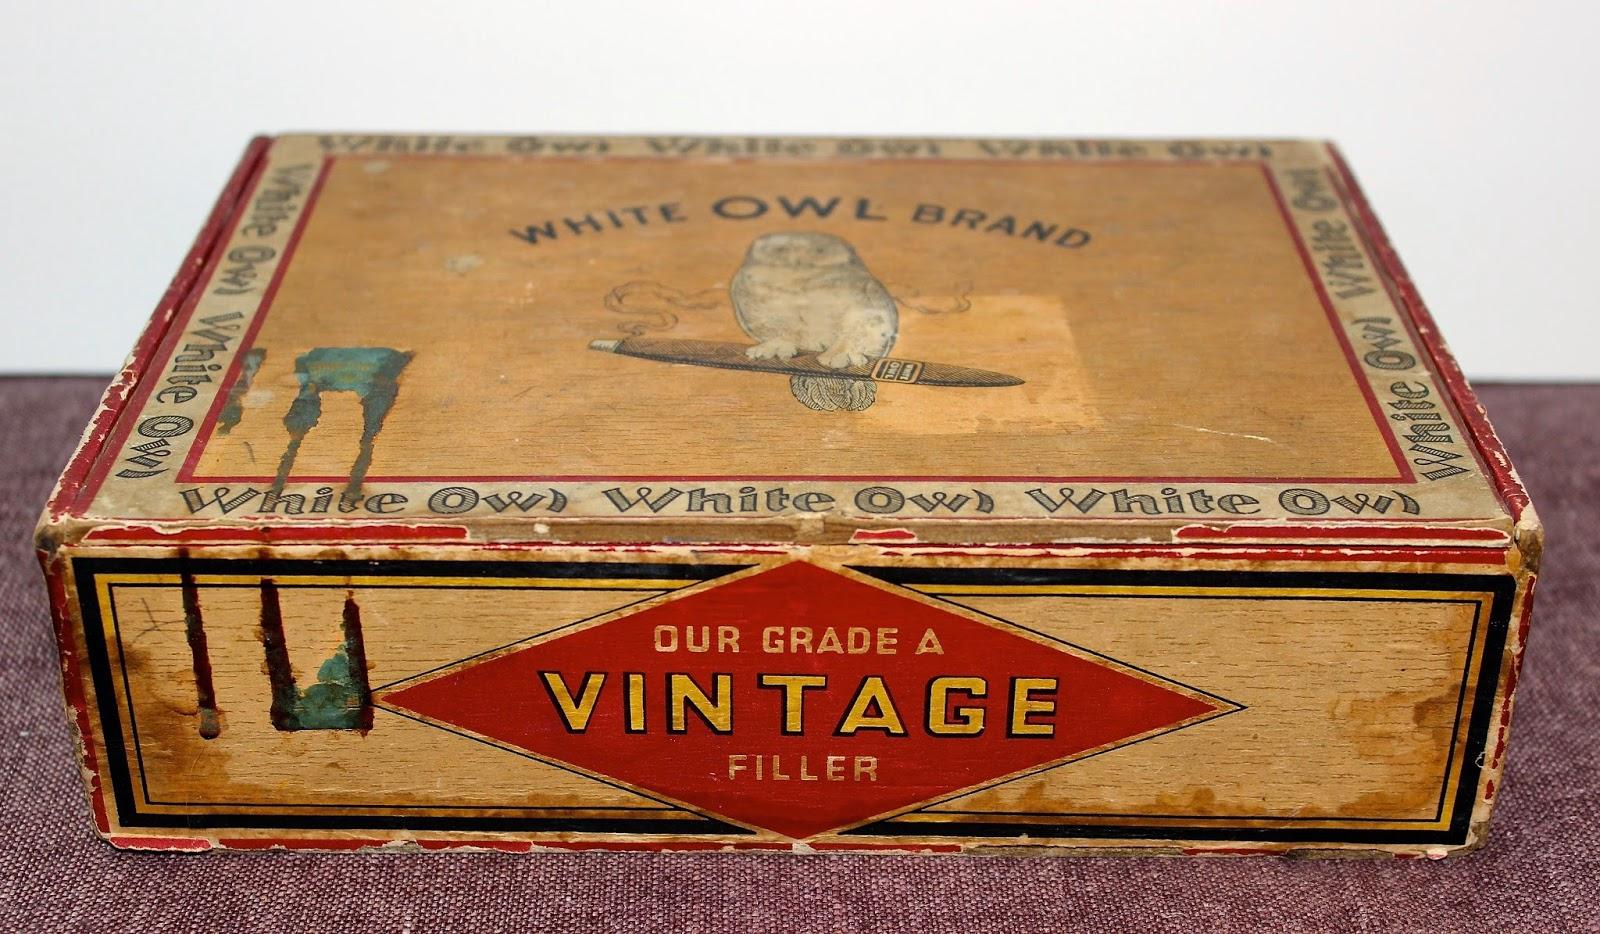 Vintage white owl cigars - photo#3